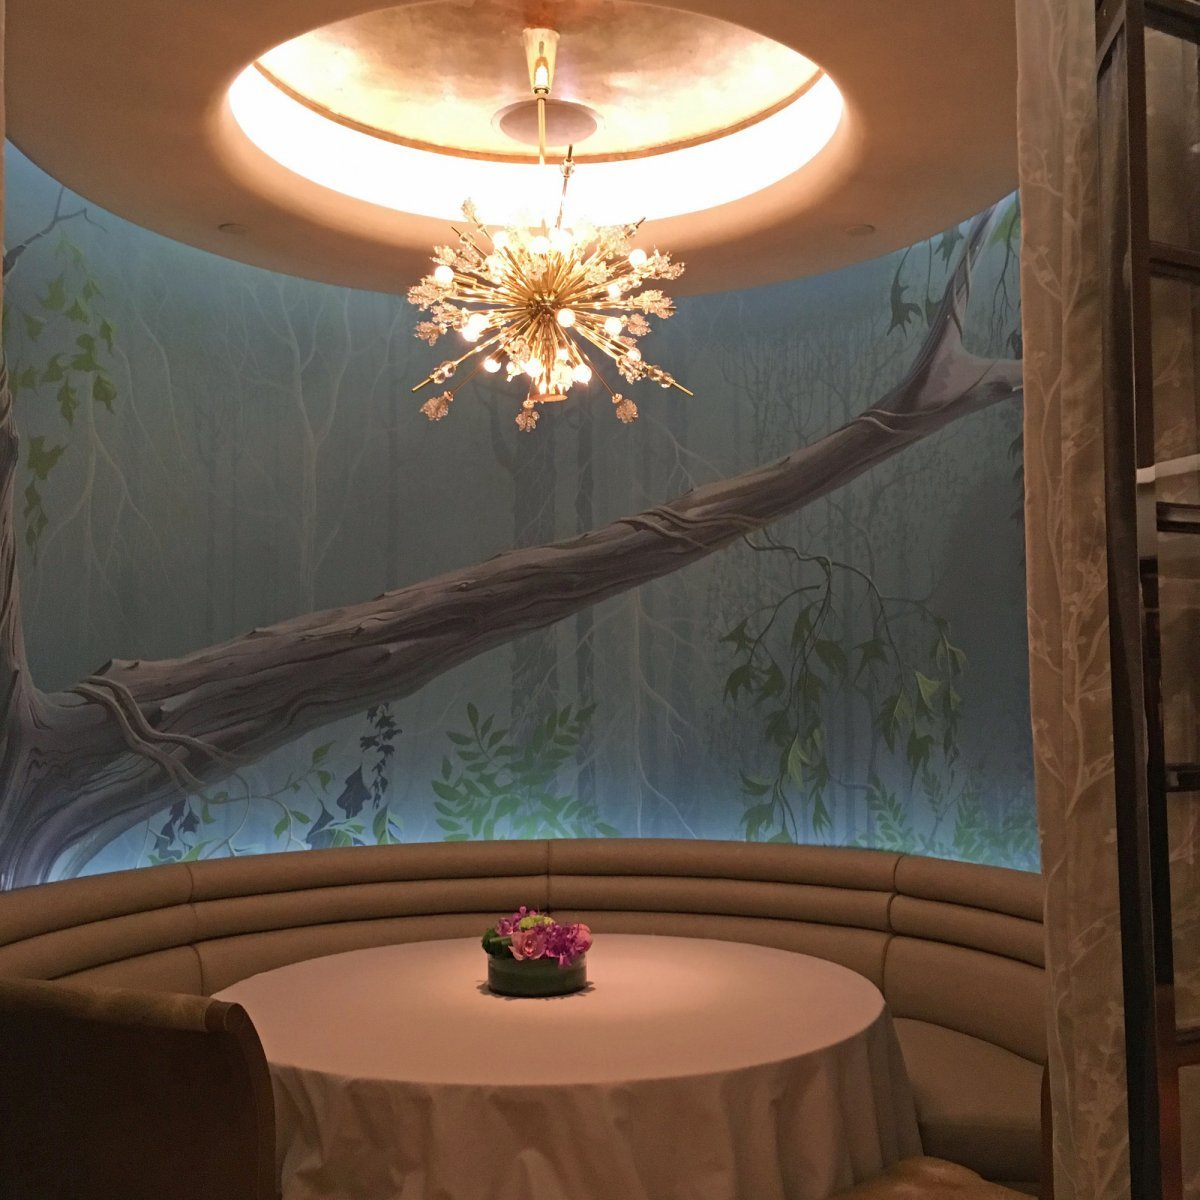 揭秘上海迪士尼最尊贵的 33 号俱乐部,非会员也能进去吃顿饭?